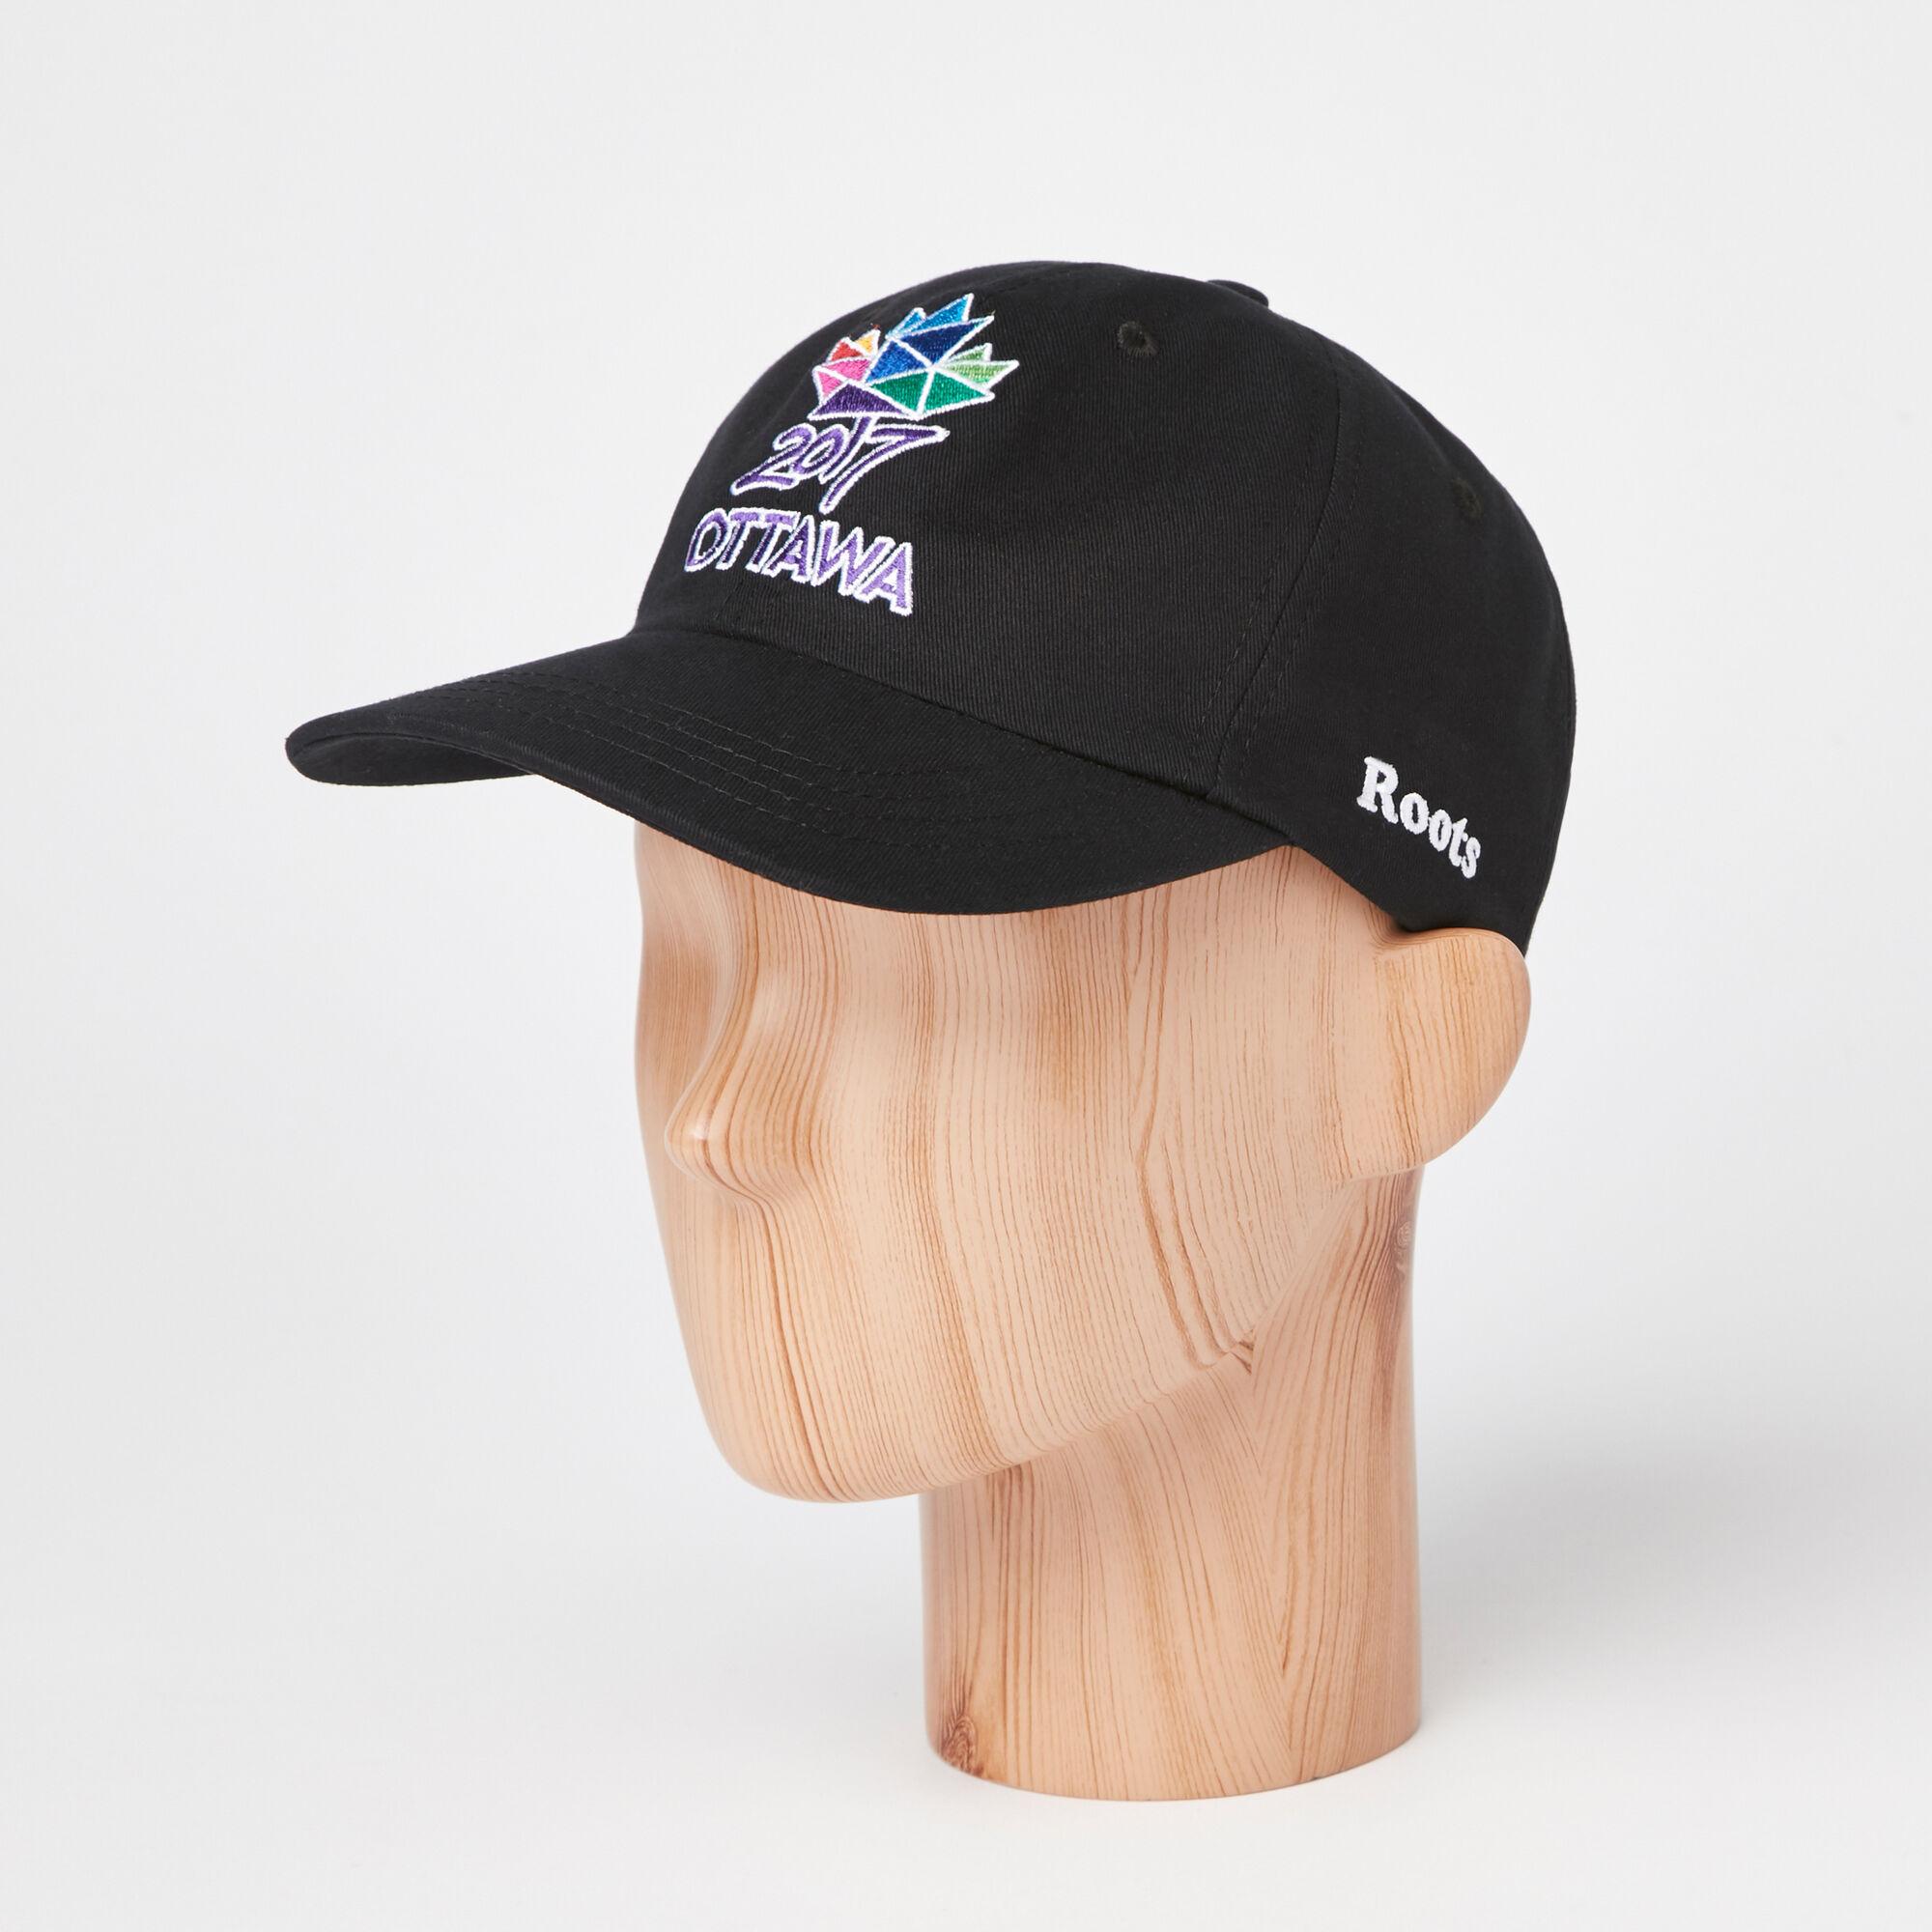 Ottawa 2017 Baseball Cap